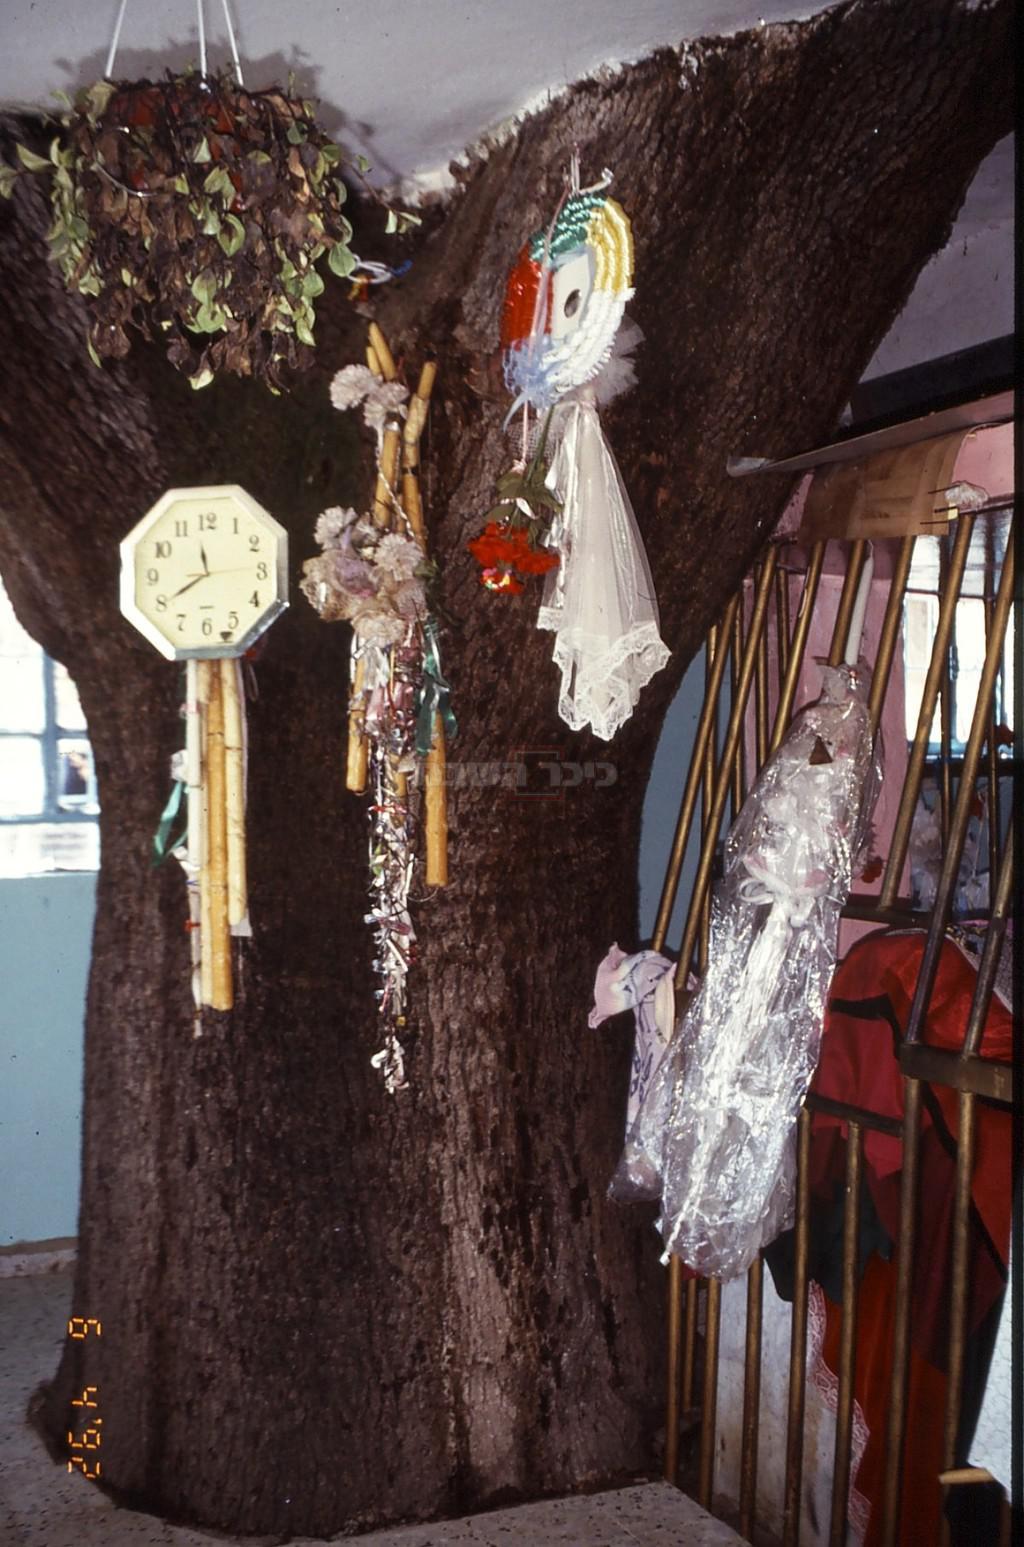 אלון תבור קדוש שגזעו בוקע מקבר שבואל (צילום: ד''ר צבי הר-שפר)